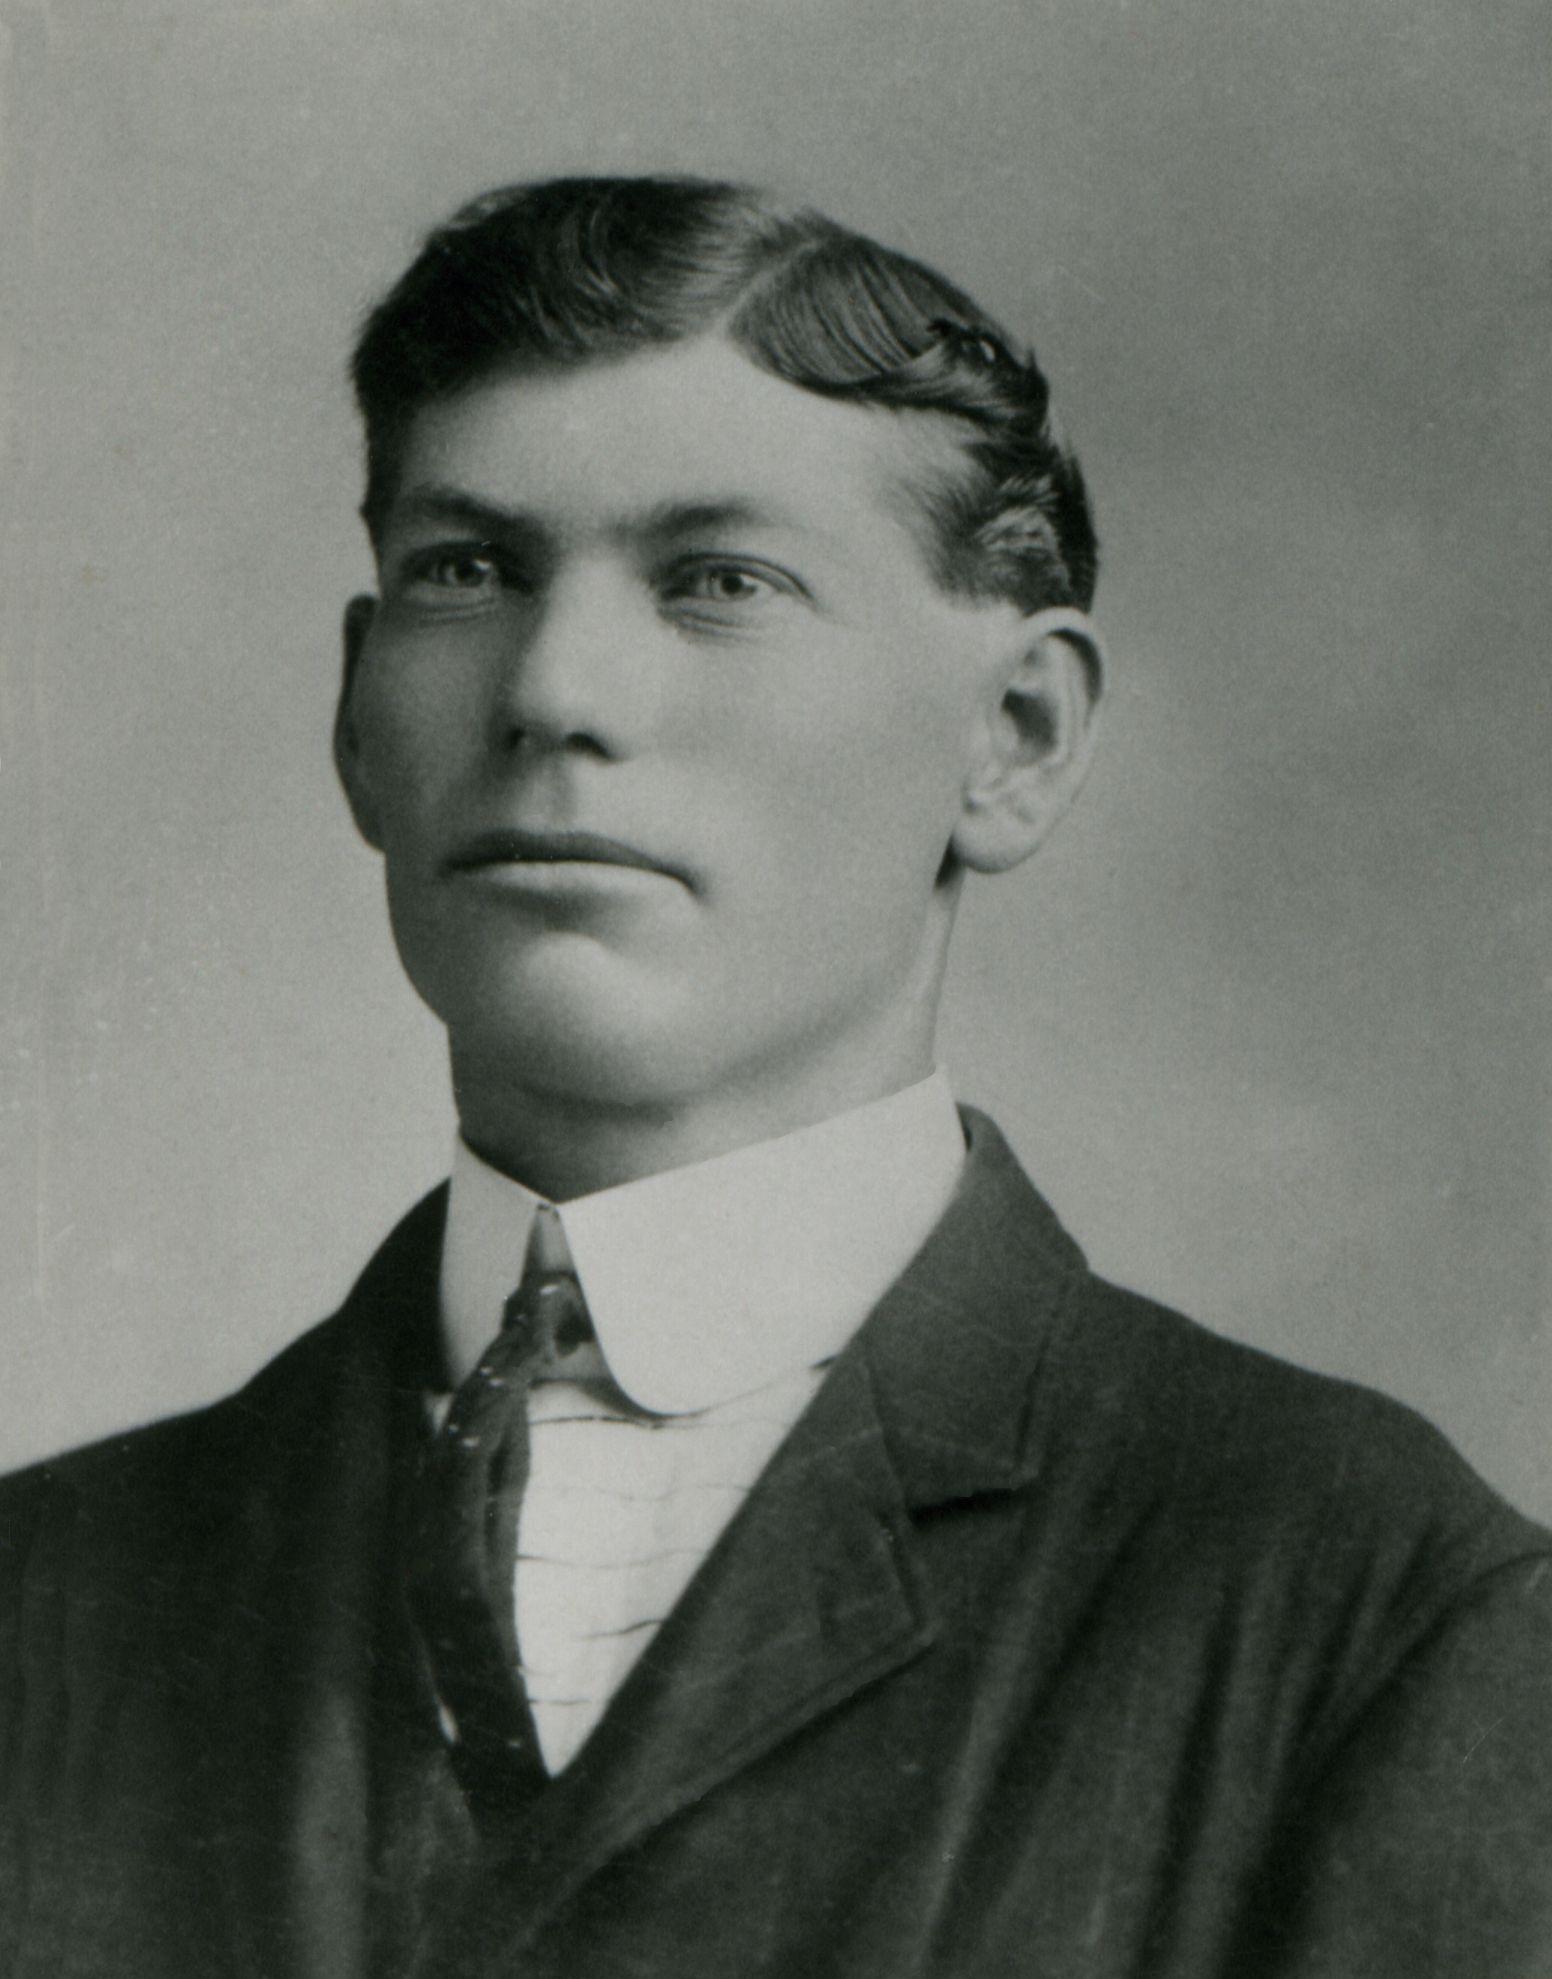 Allen, George Batty